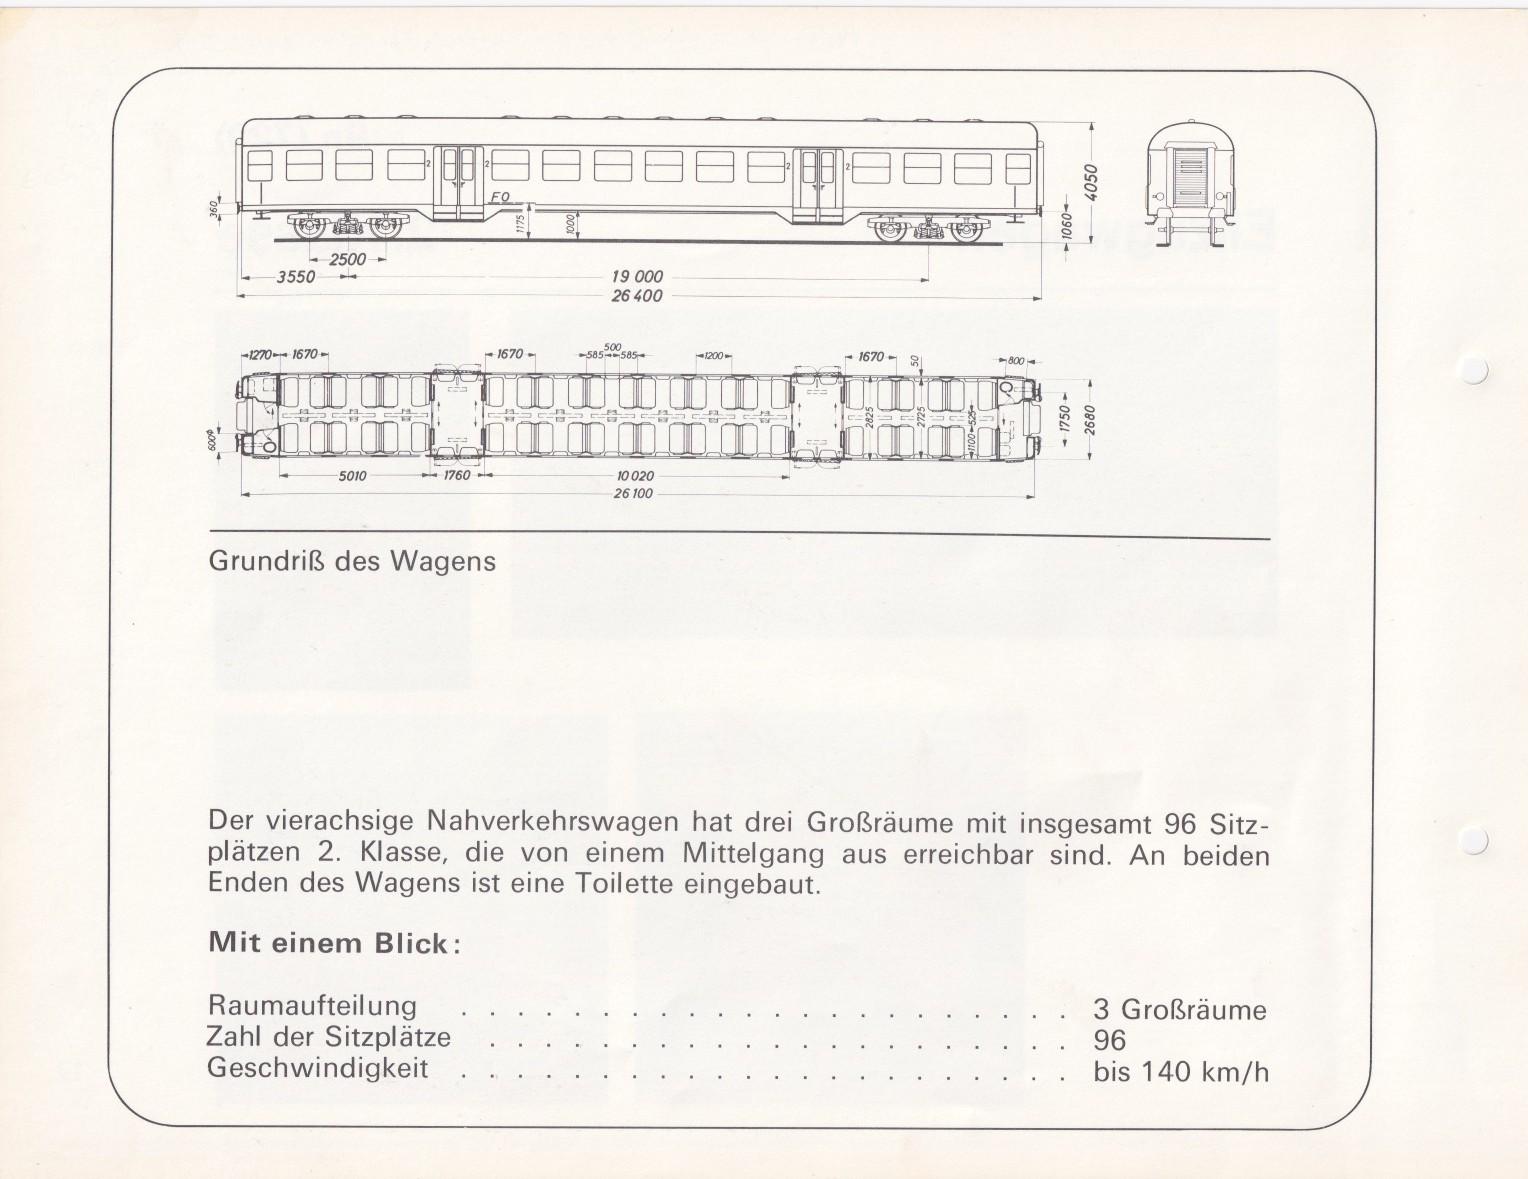 https://www.nullclub.de/hifo/Fahrzeuglexikon/Wagen17b.jpg